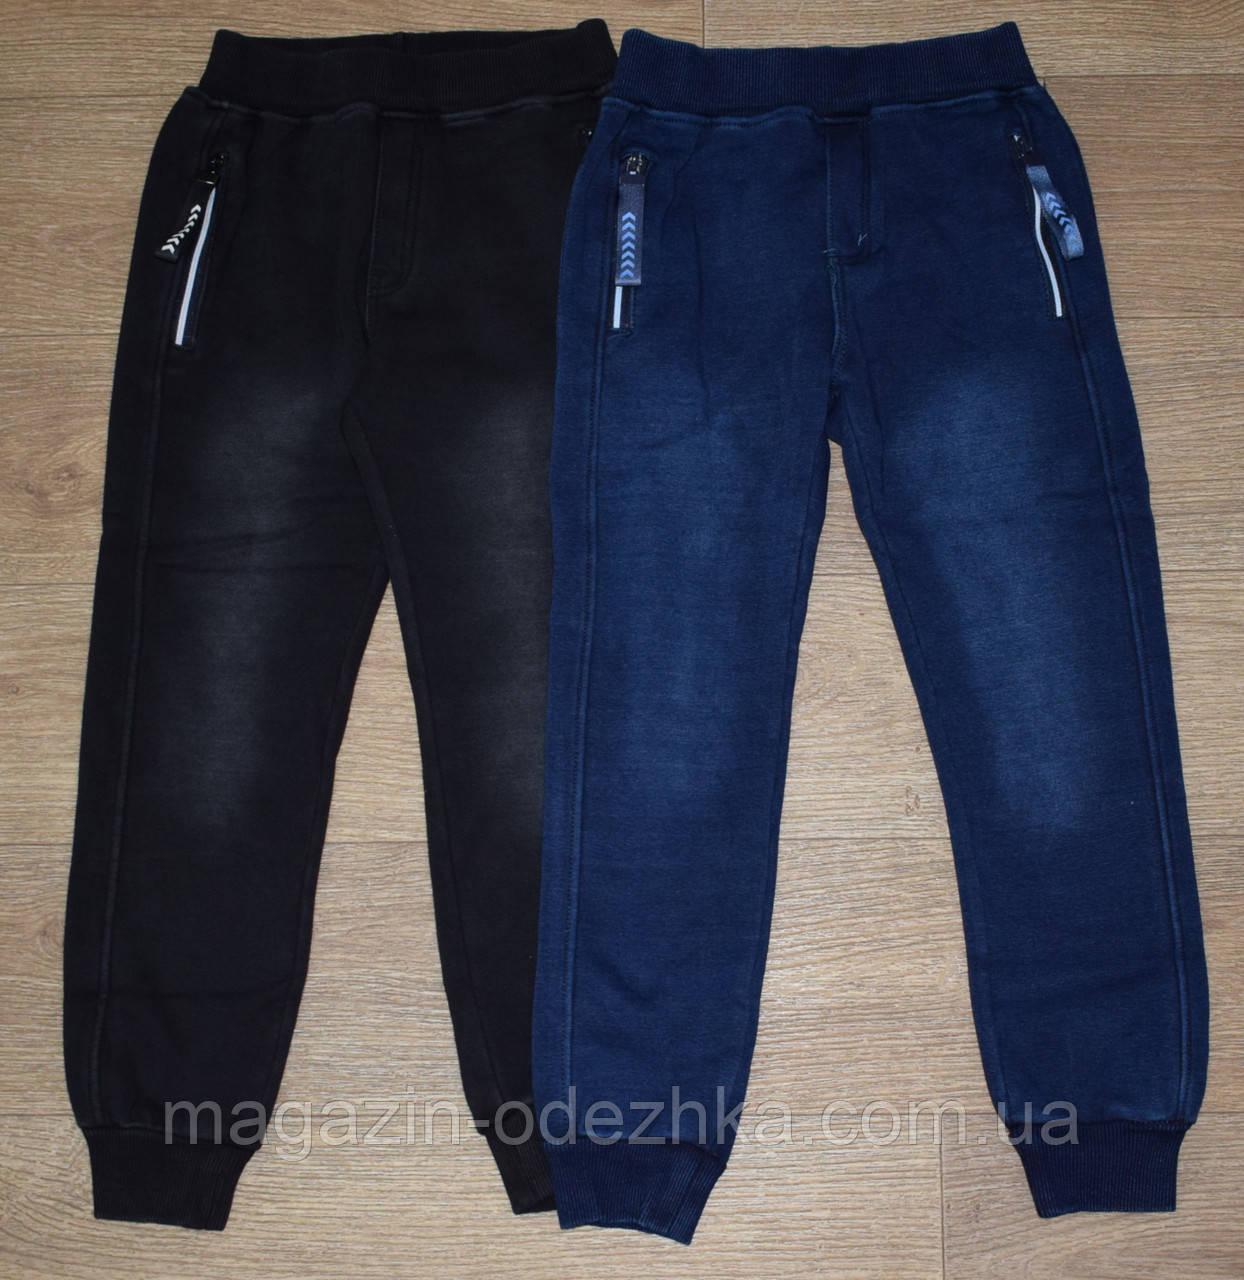 """Спортивные утепленные штаны на меху для  мальчика на 4-6-8-10-12  лет, """"F&D"""" Венгрия"""